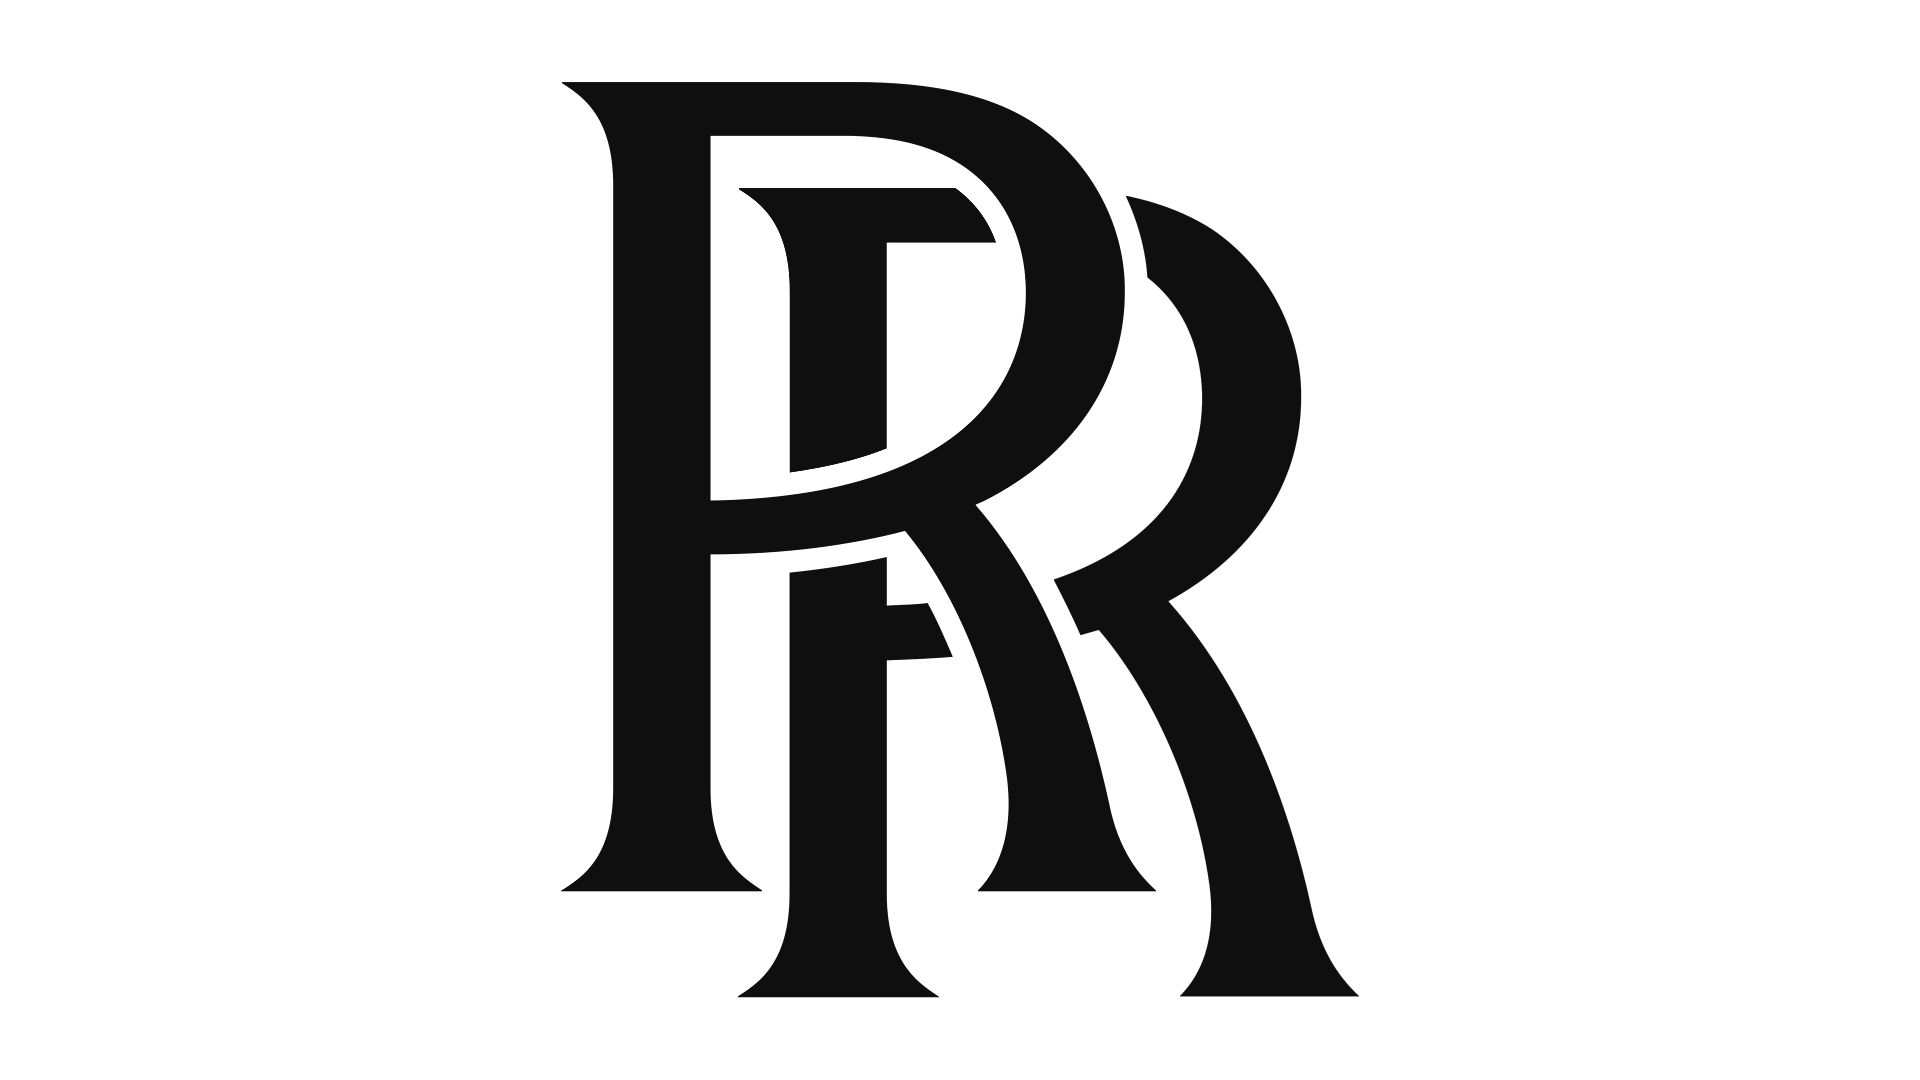 Rolls Royce Rr Logo